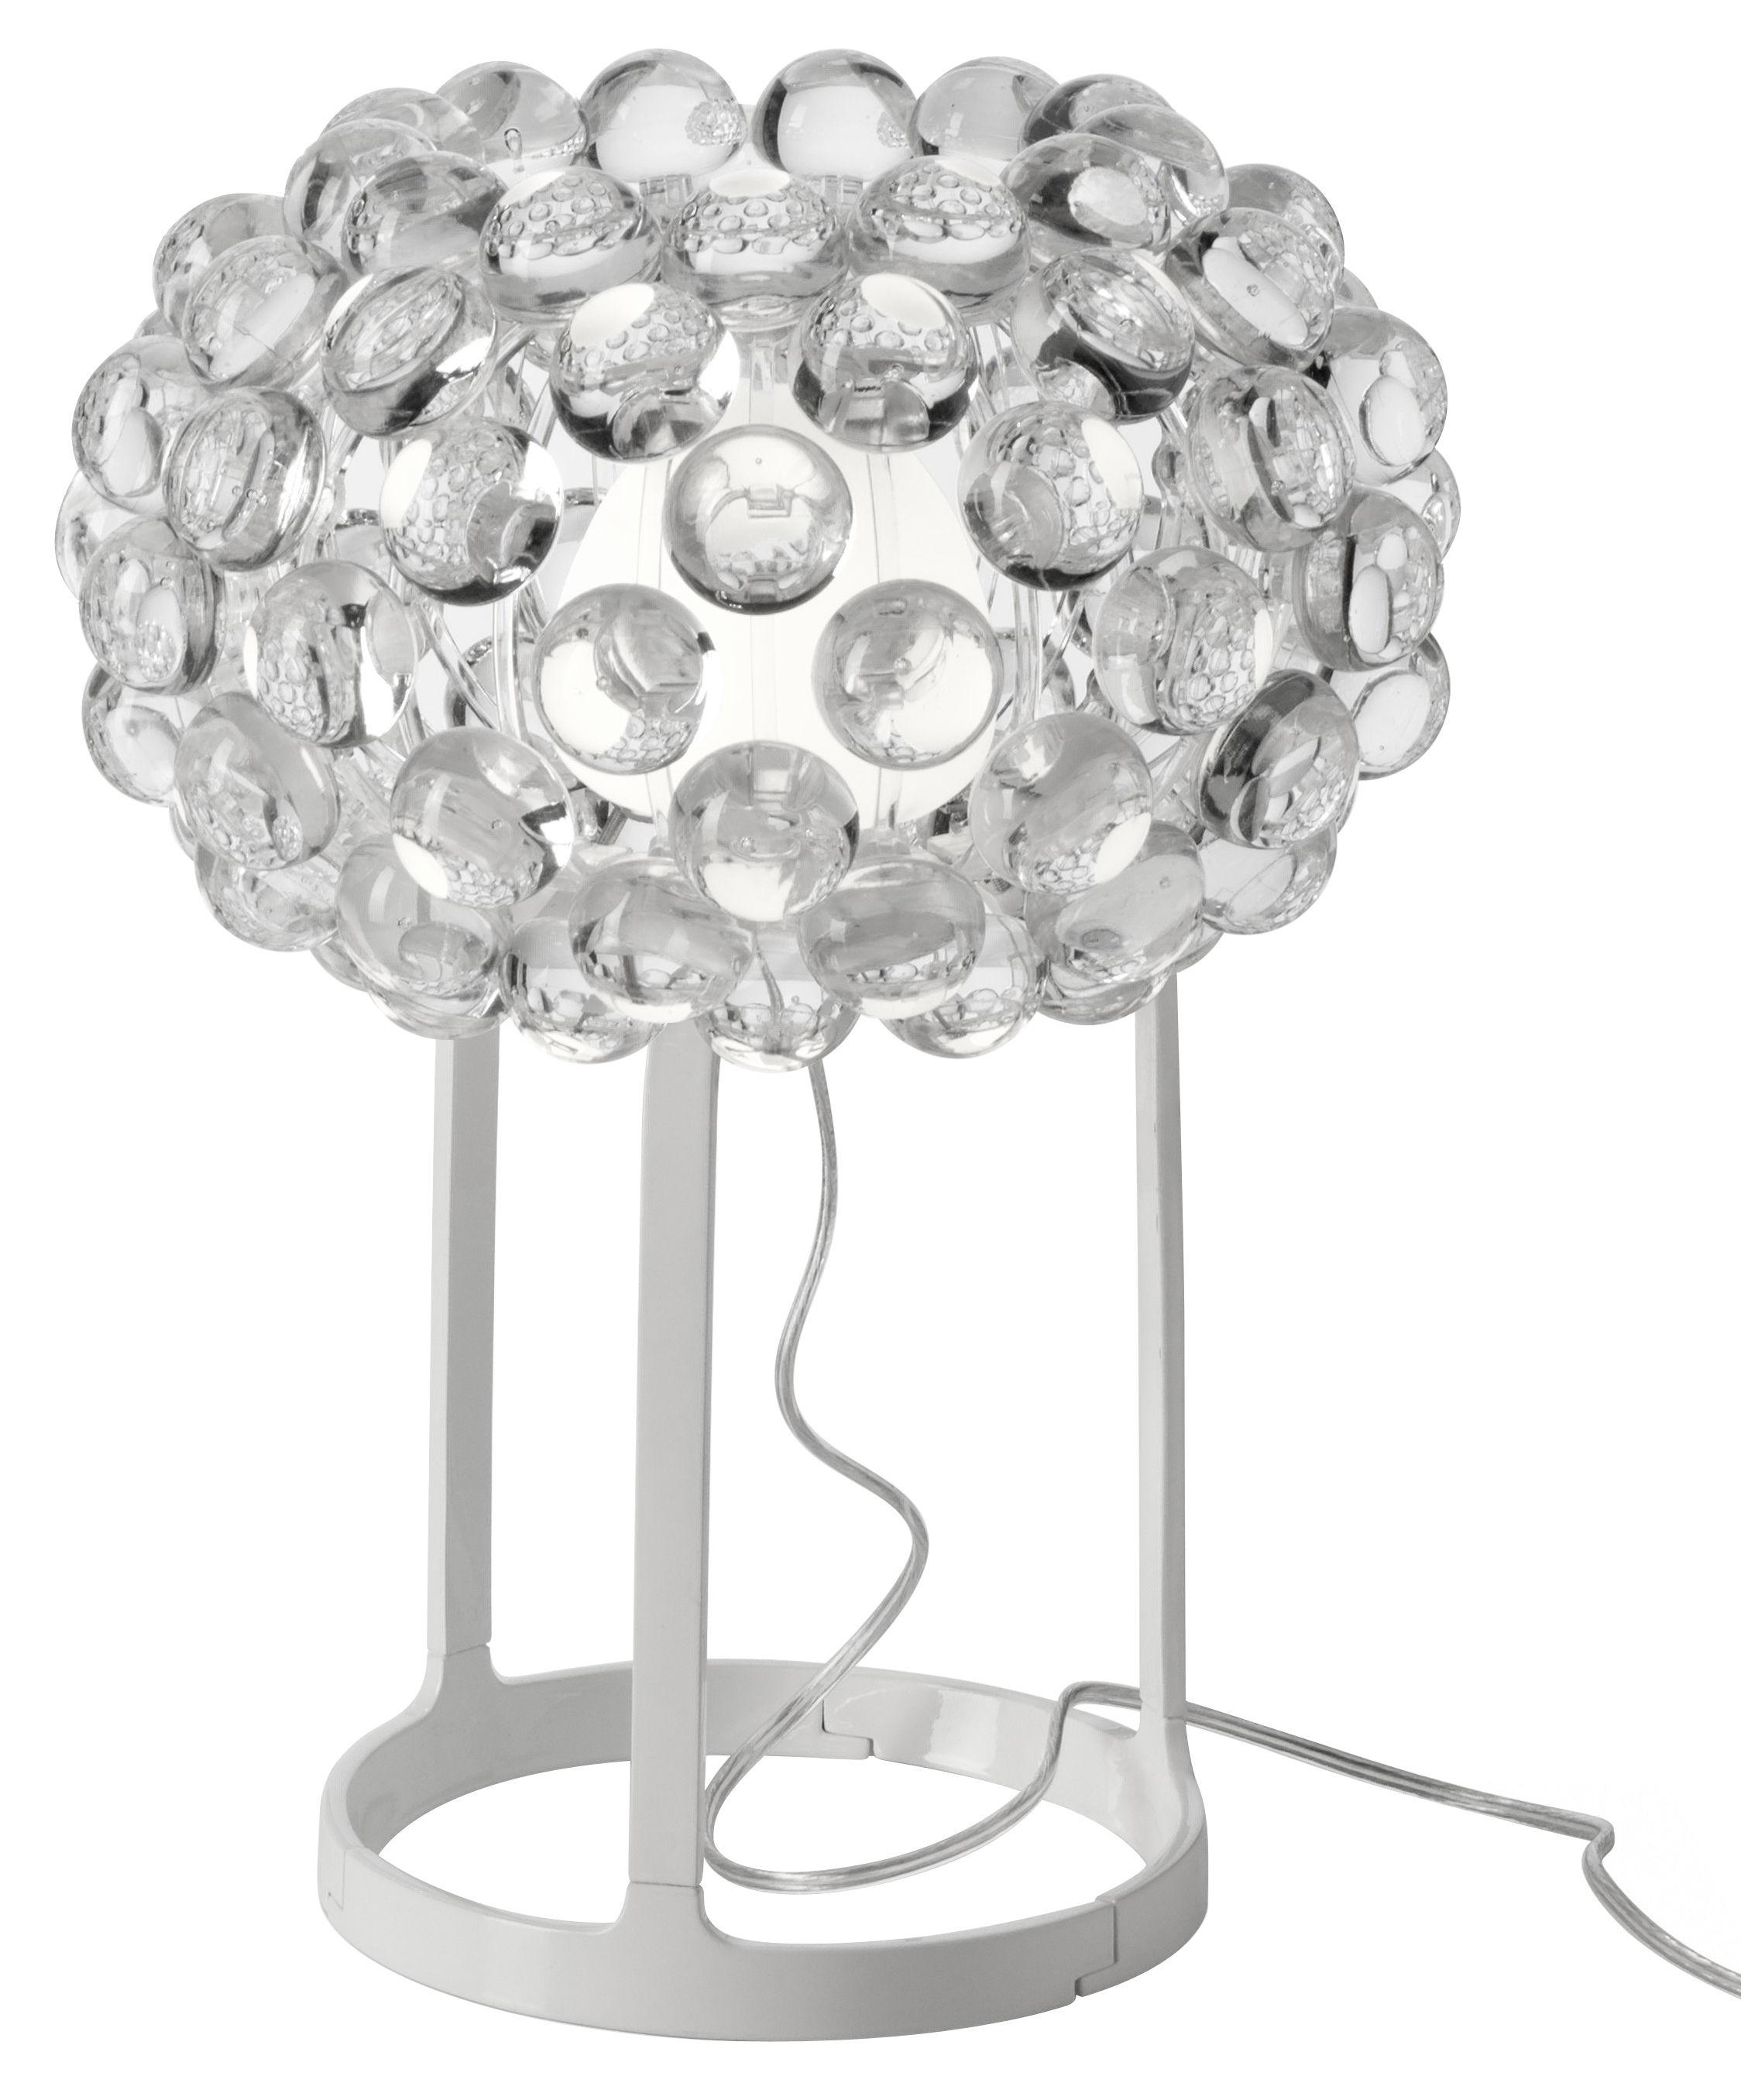 Illuminazione - Lampade da tavolo - Lampada da tavolo Caboche Piccola - Piccola di Foscarini - Caboche Piccola Ø 31 - H 38 cm - Metallo, PMMA